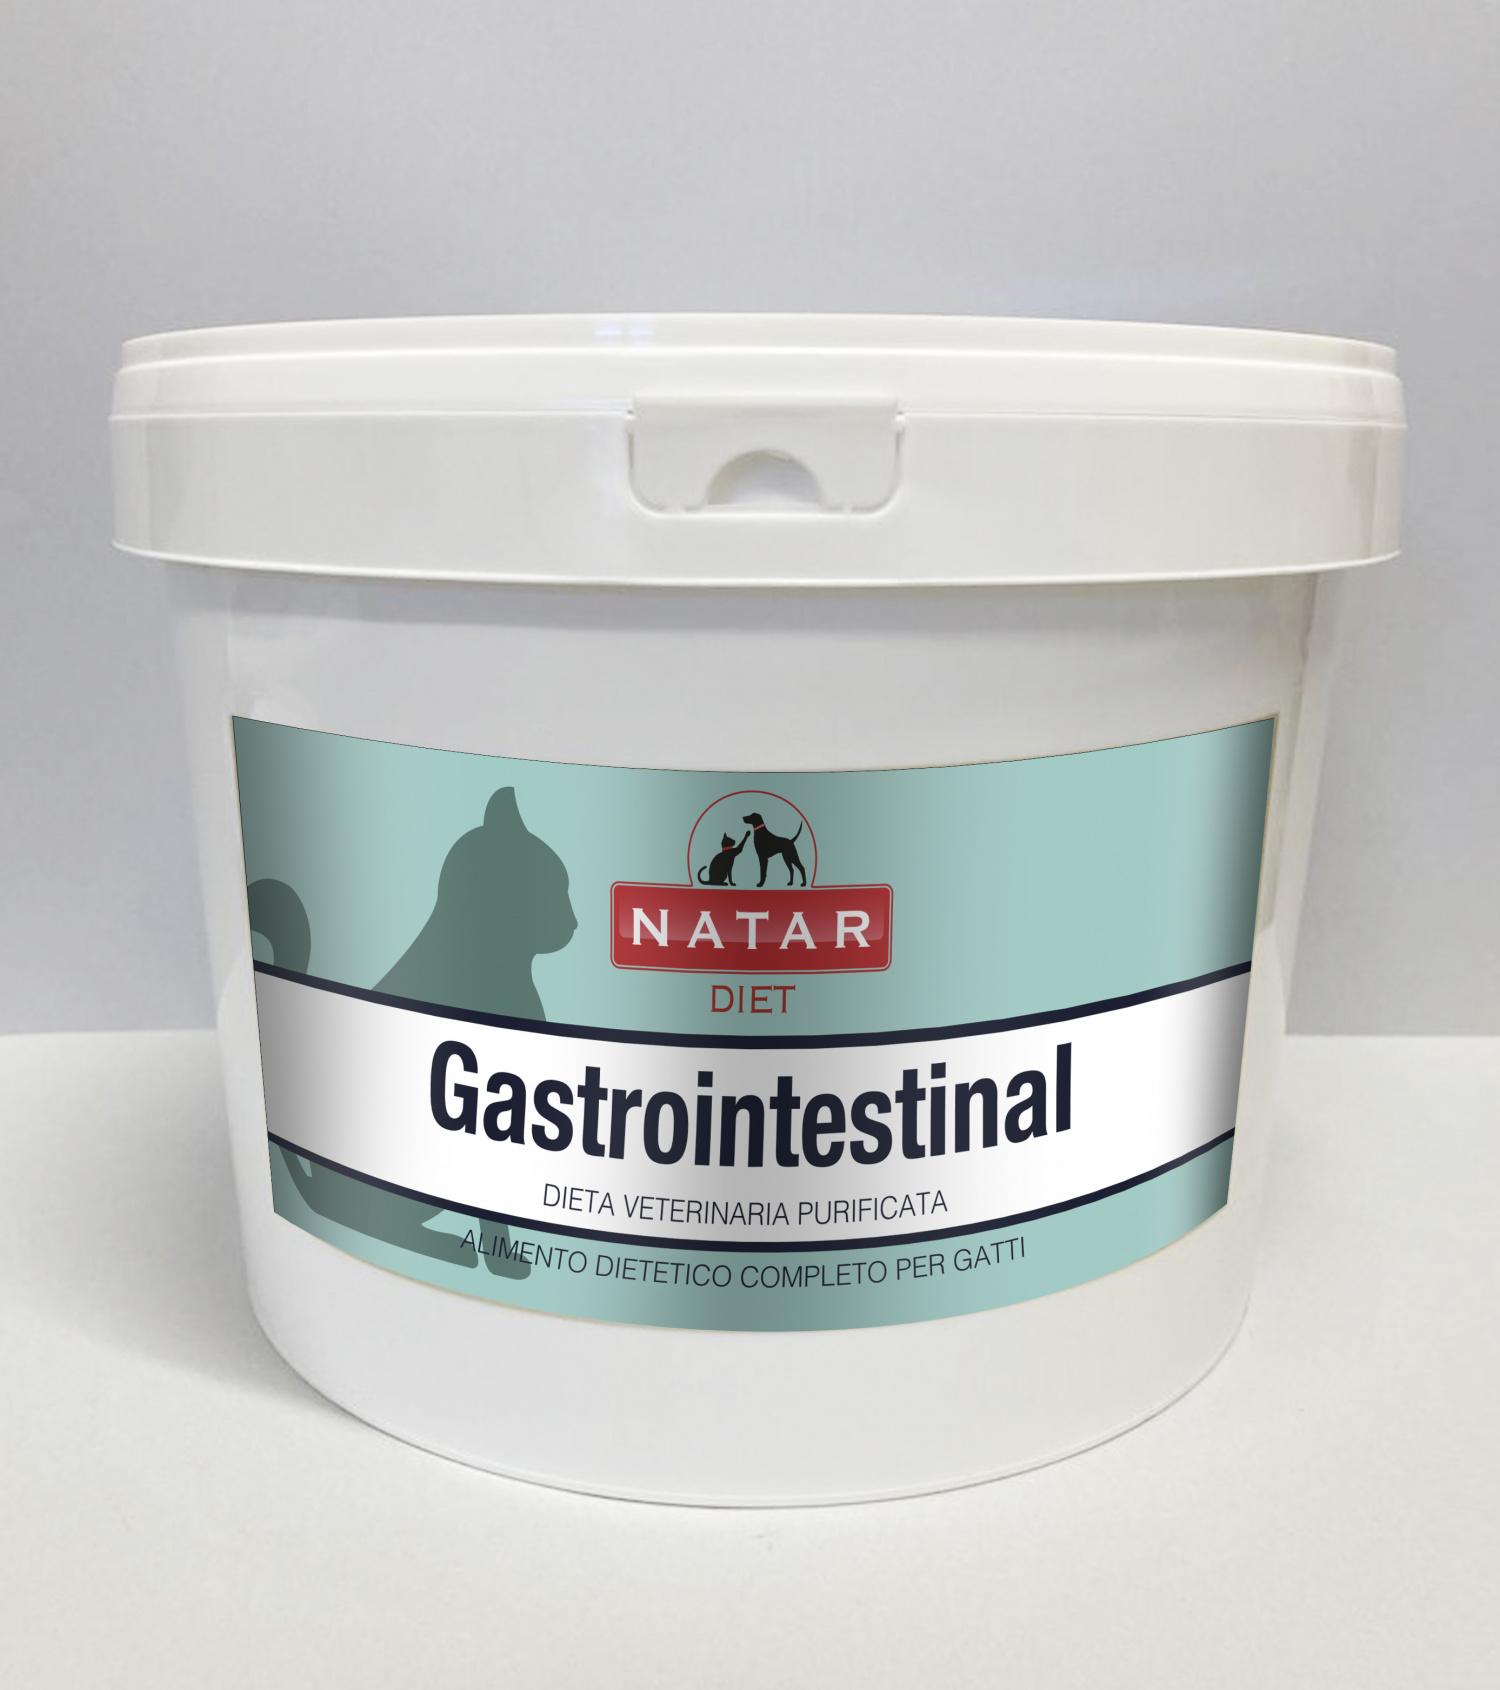 Natar Diet Gastrointestinal gatto